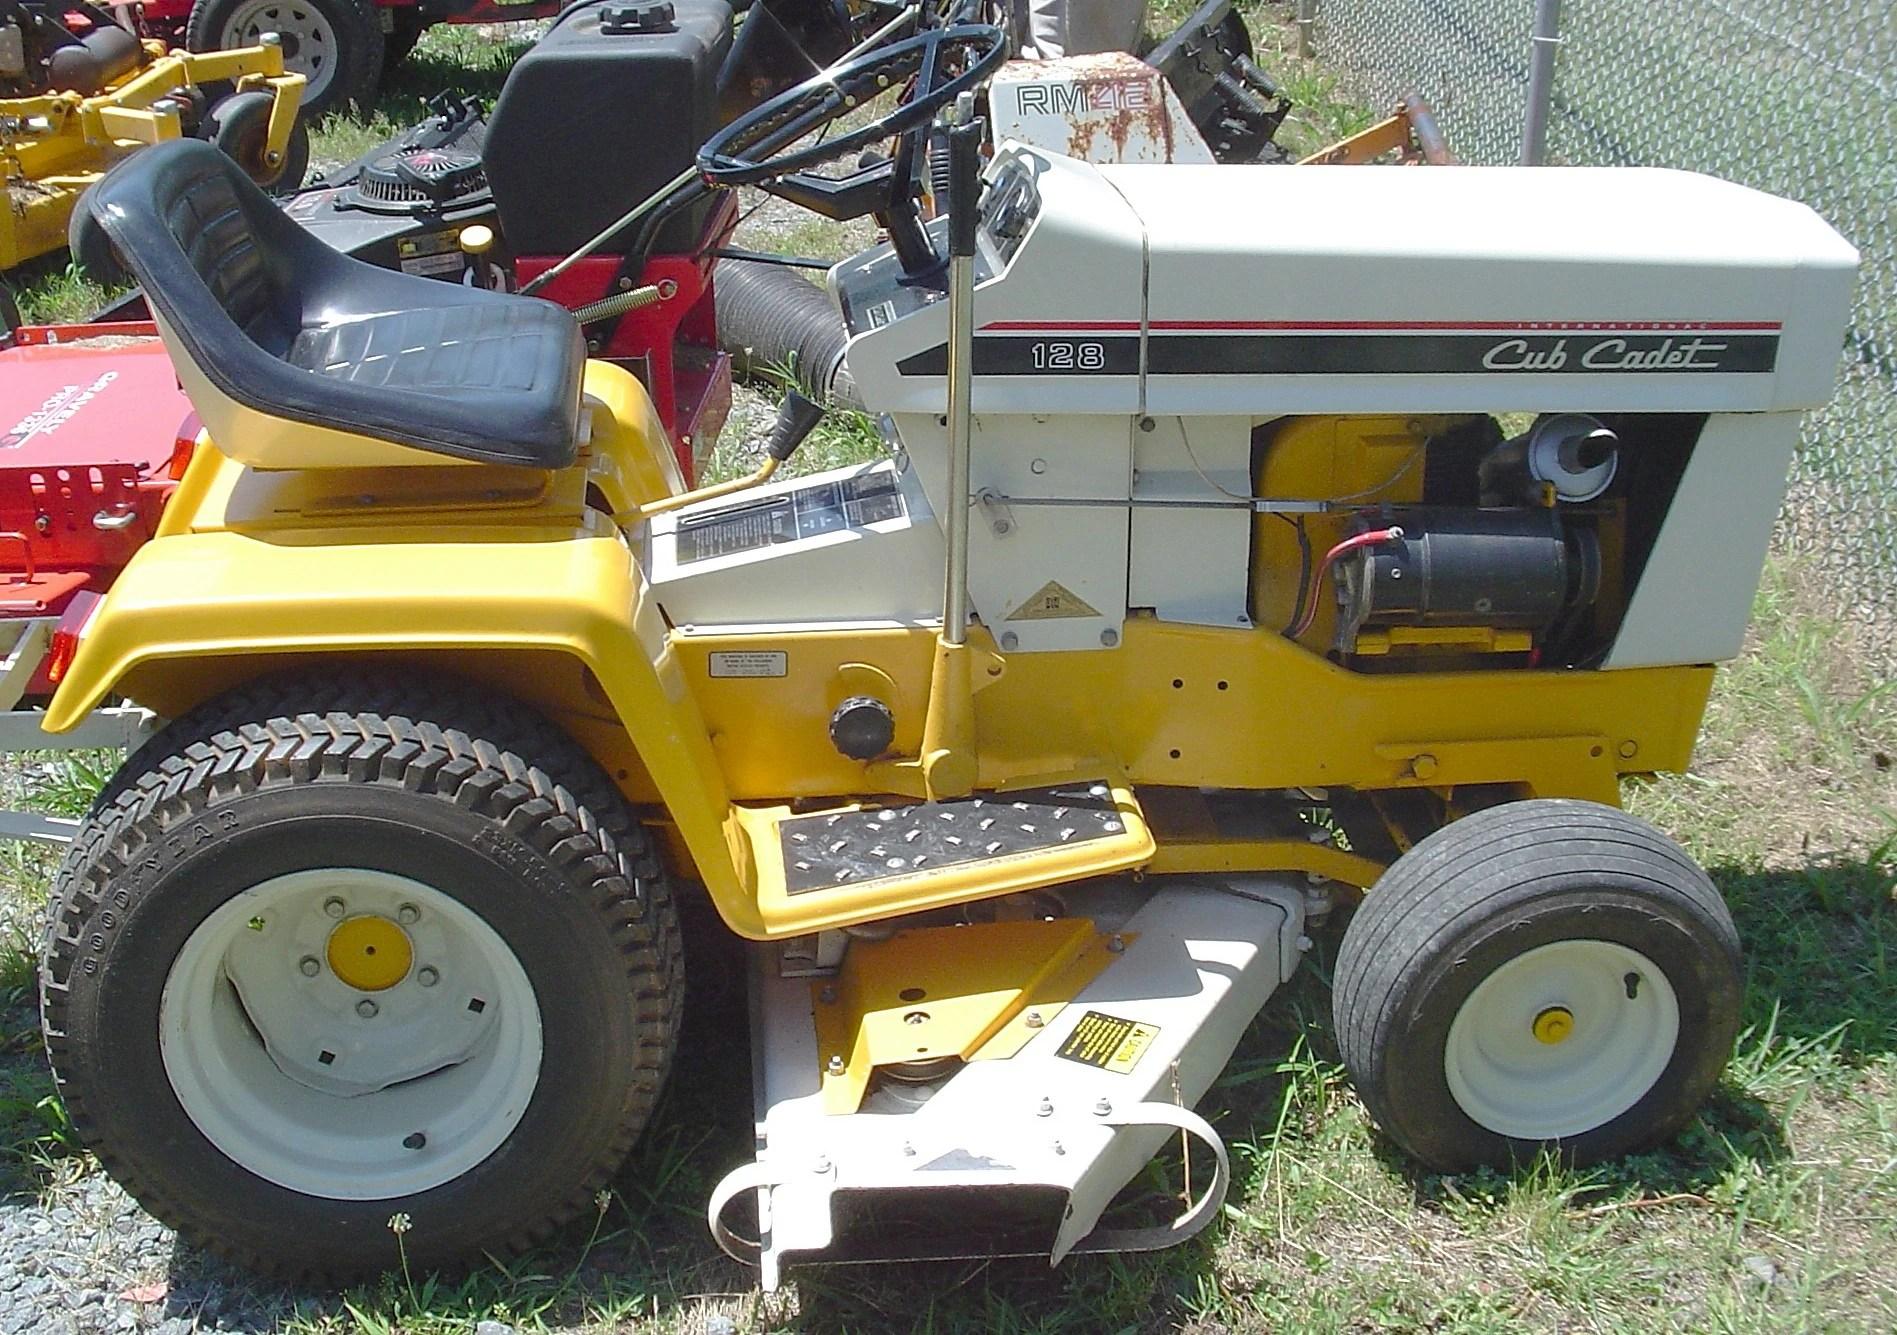 Ford 1220 Tractor Wiring Diagram International Cub Cadet 128 1975